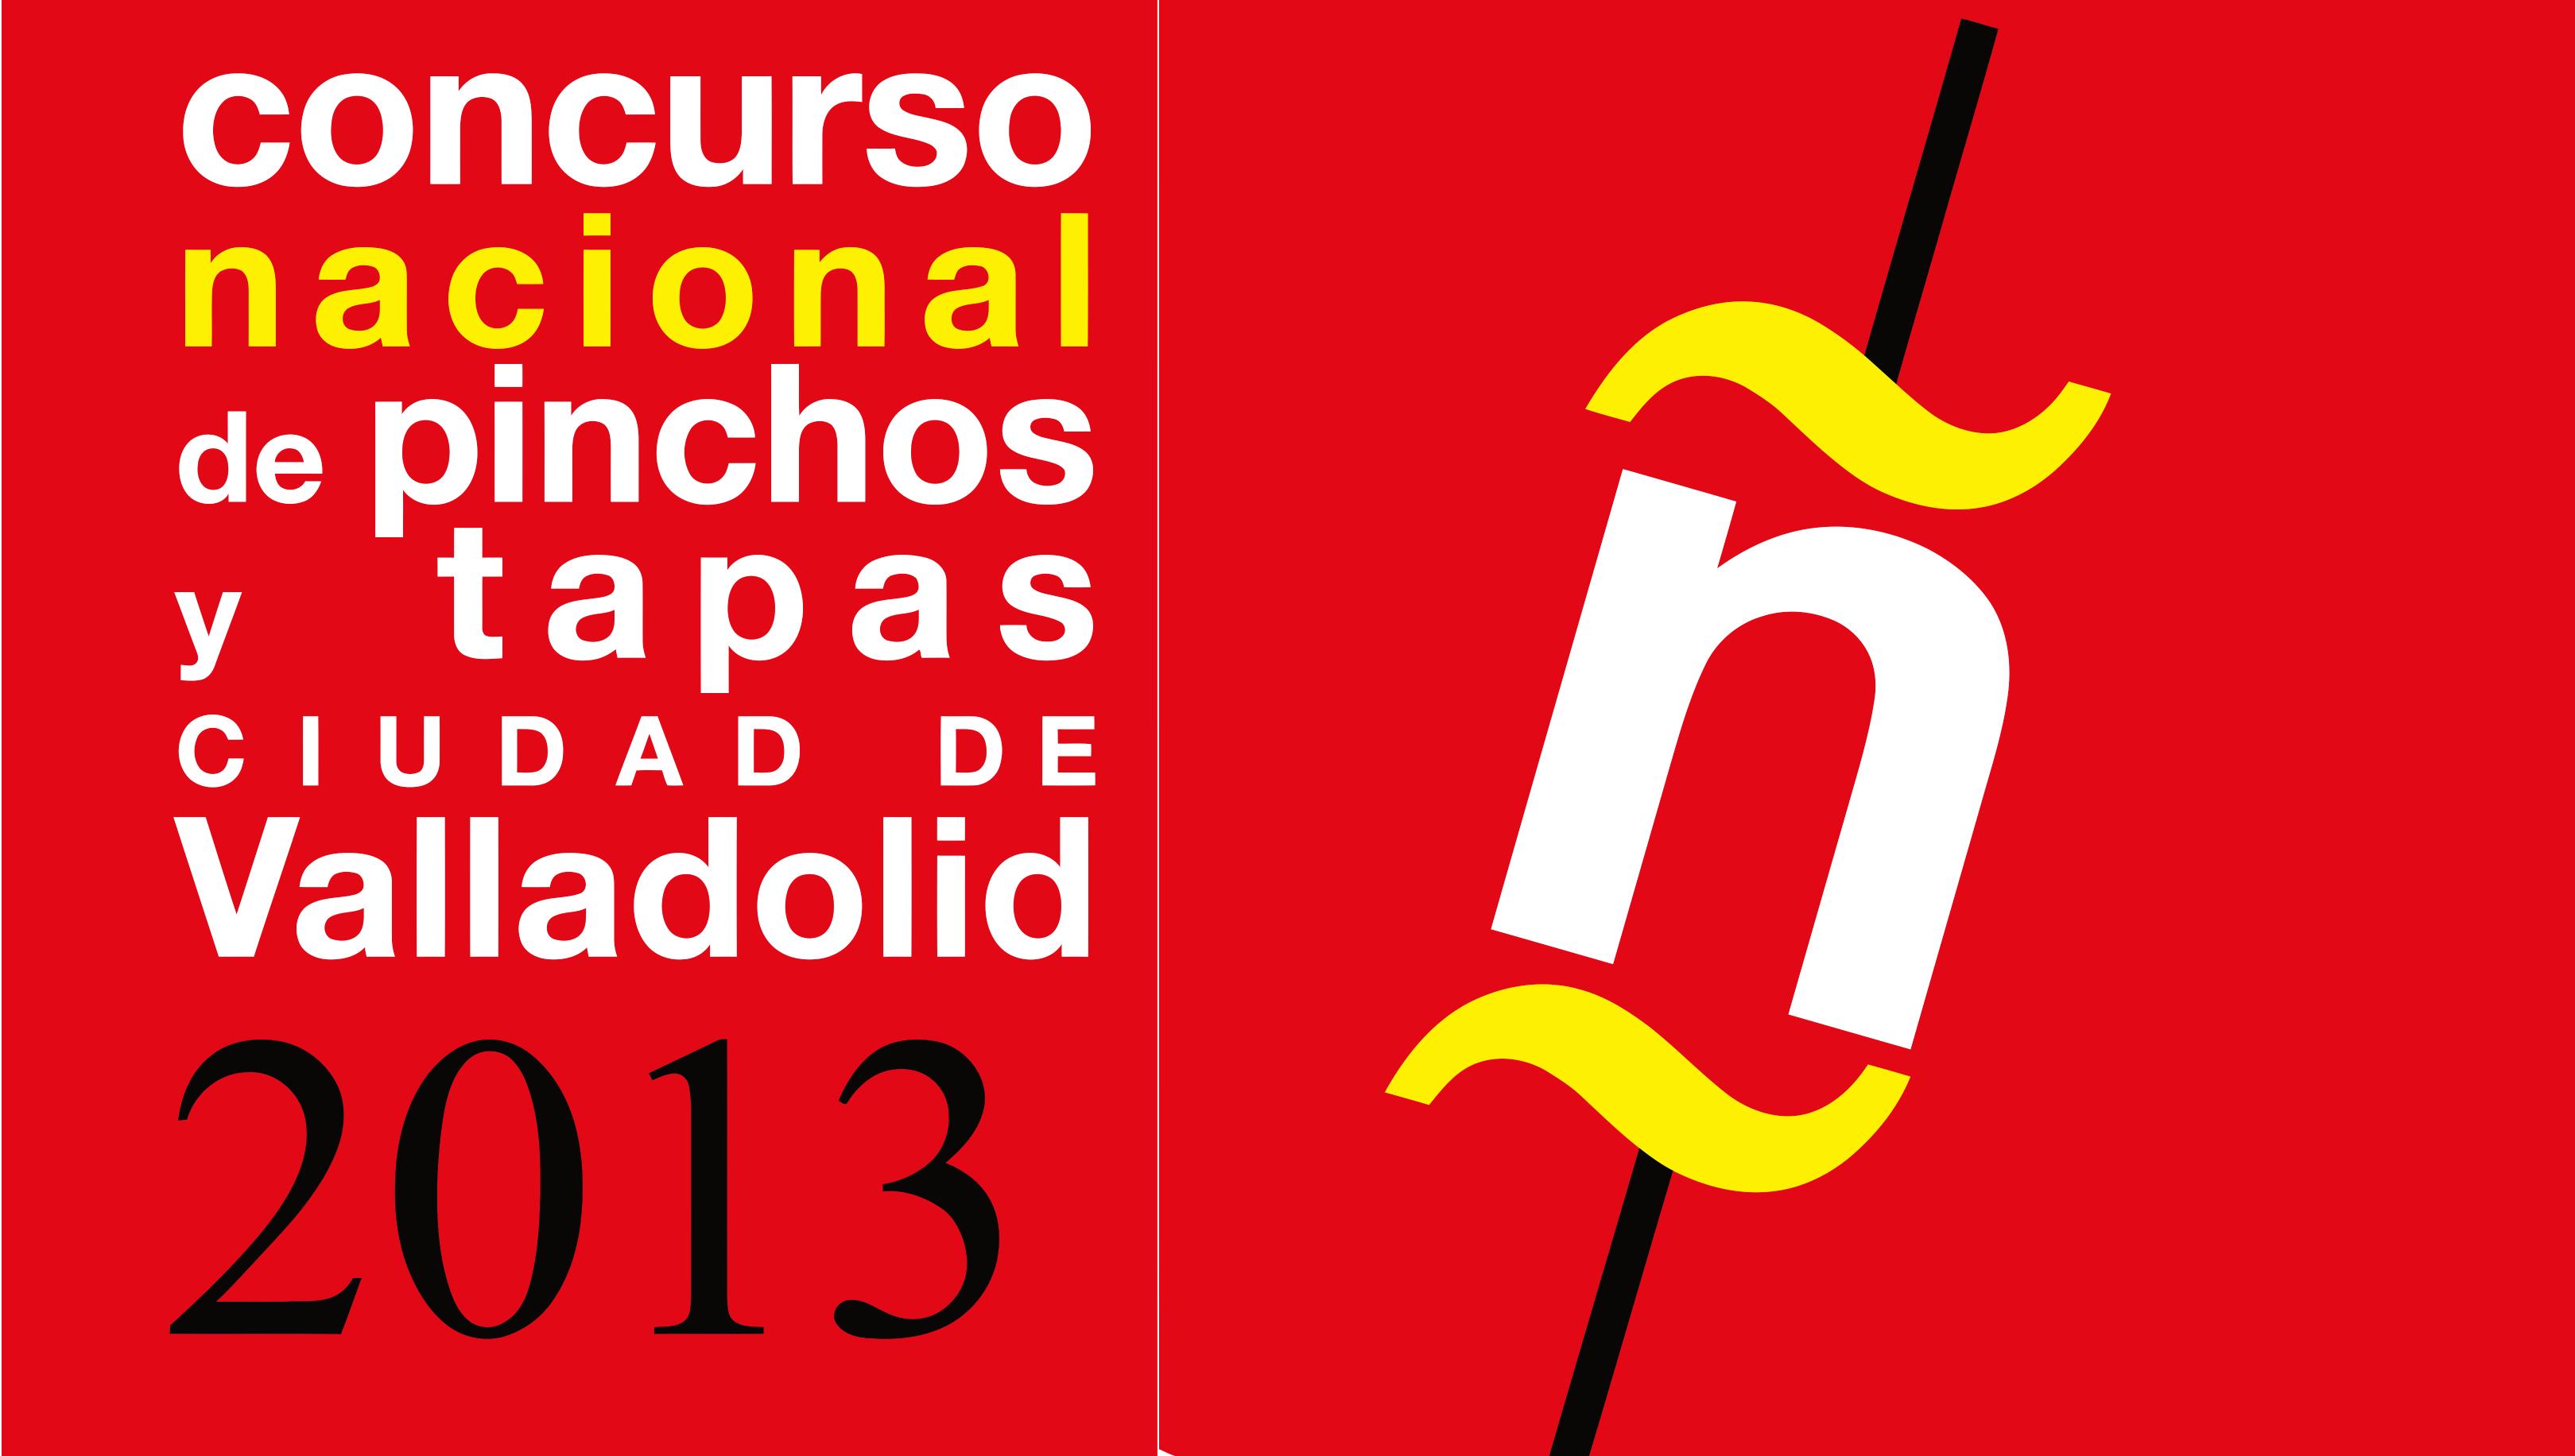 """Concurso de Pinchos y Tapas """"Ciudad de Valladolid"""" 2013"""